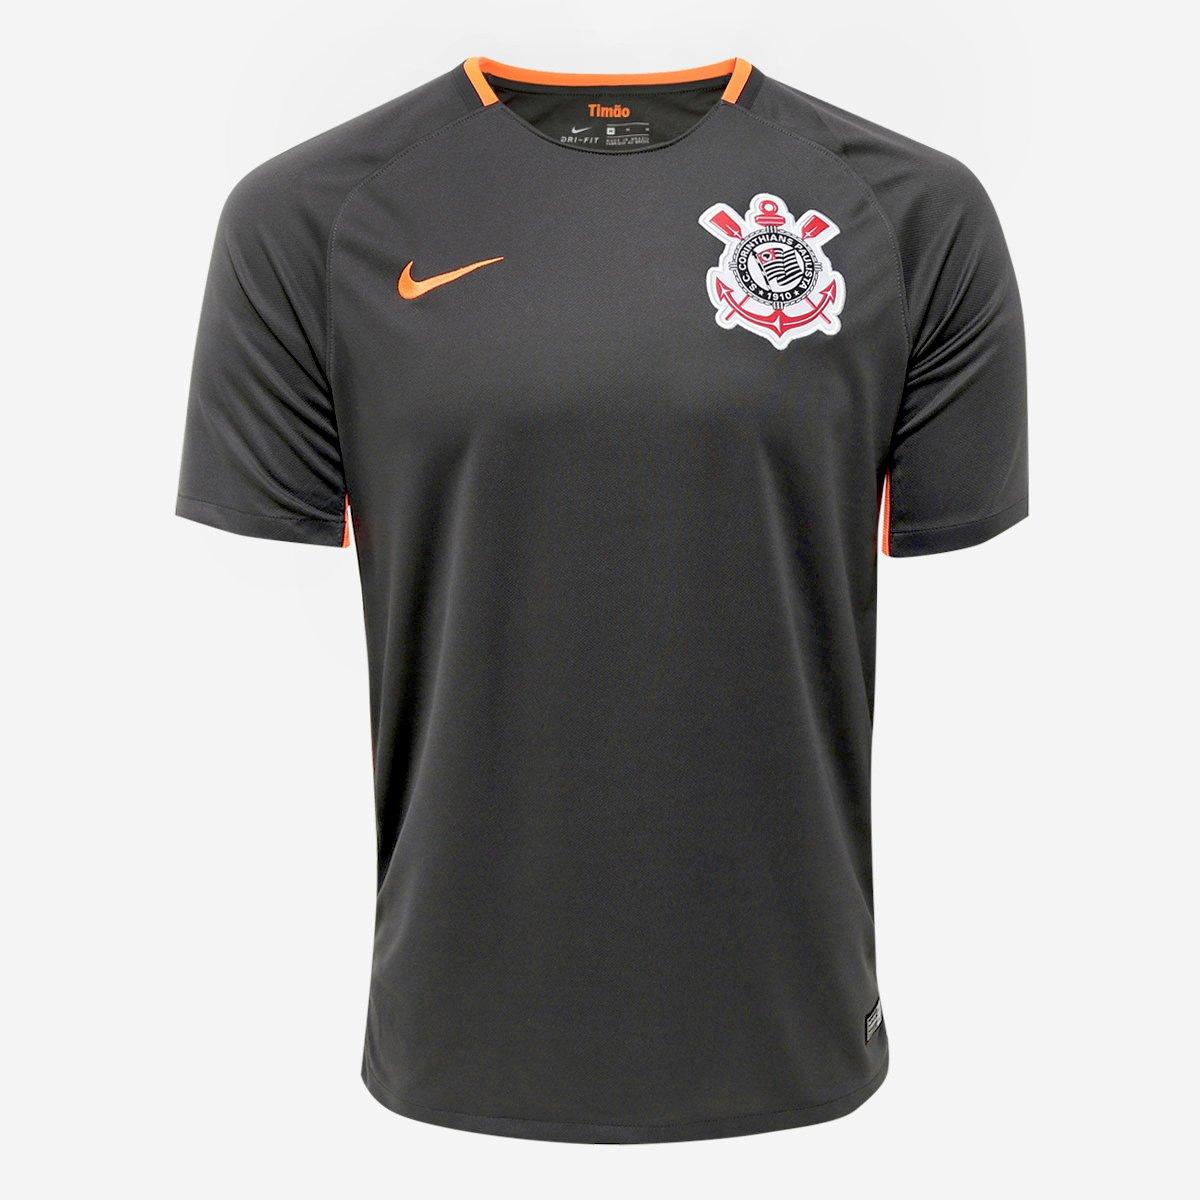 Camisa Corinthians III 17 18 s n° - Torcedor Nike Masculina 5666e3b4c5907